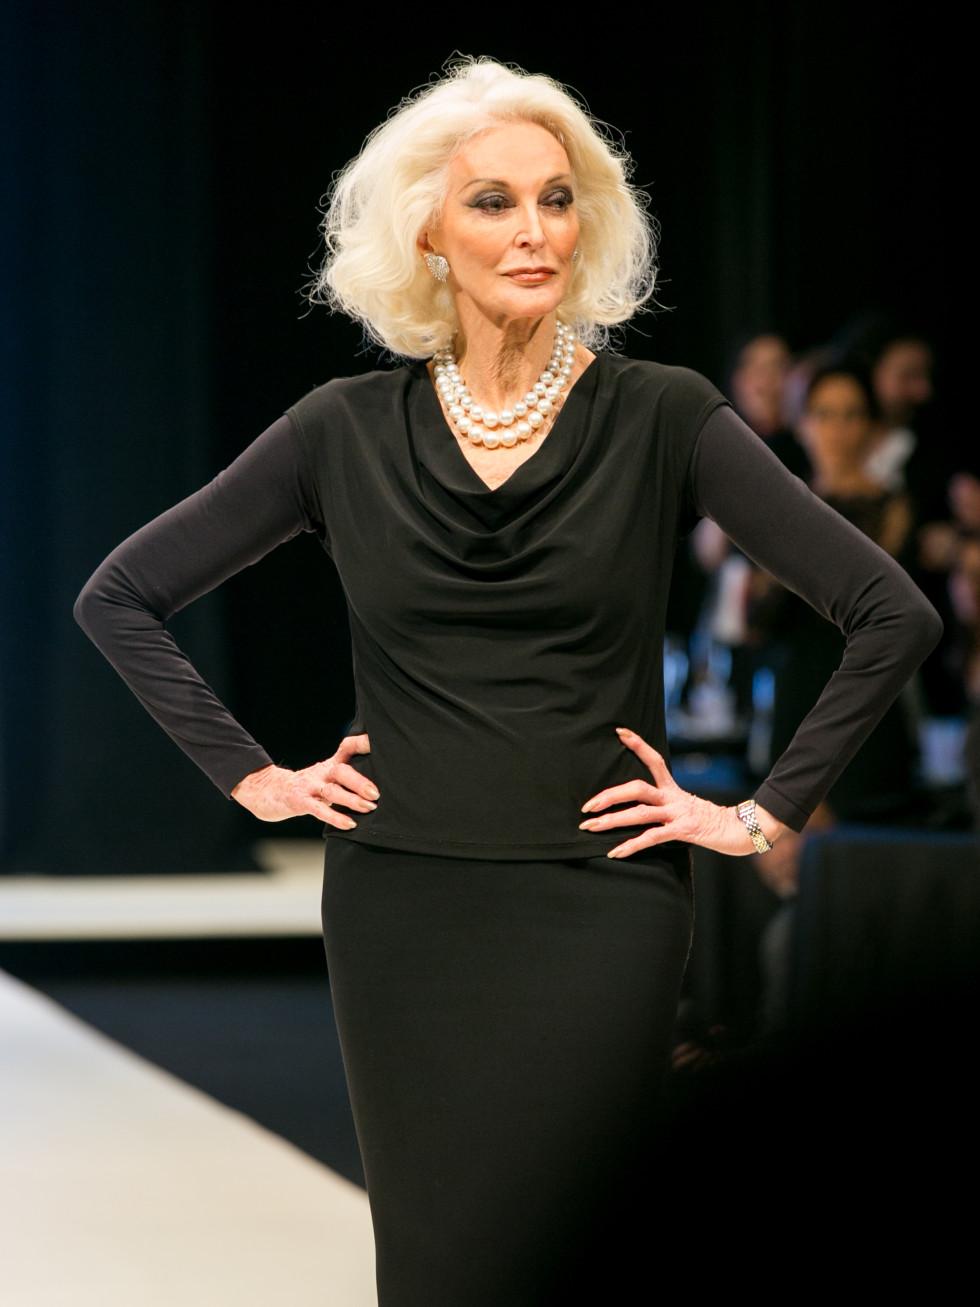 Heart of Fashion Carmen Dell'Orifice